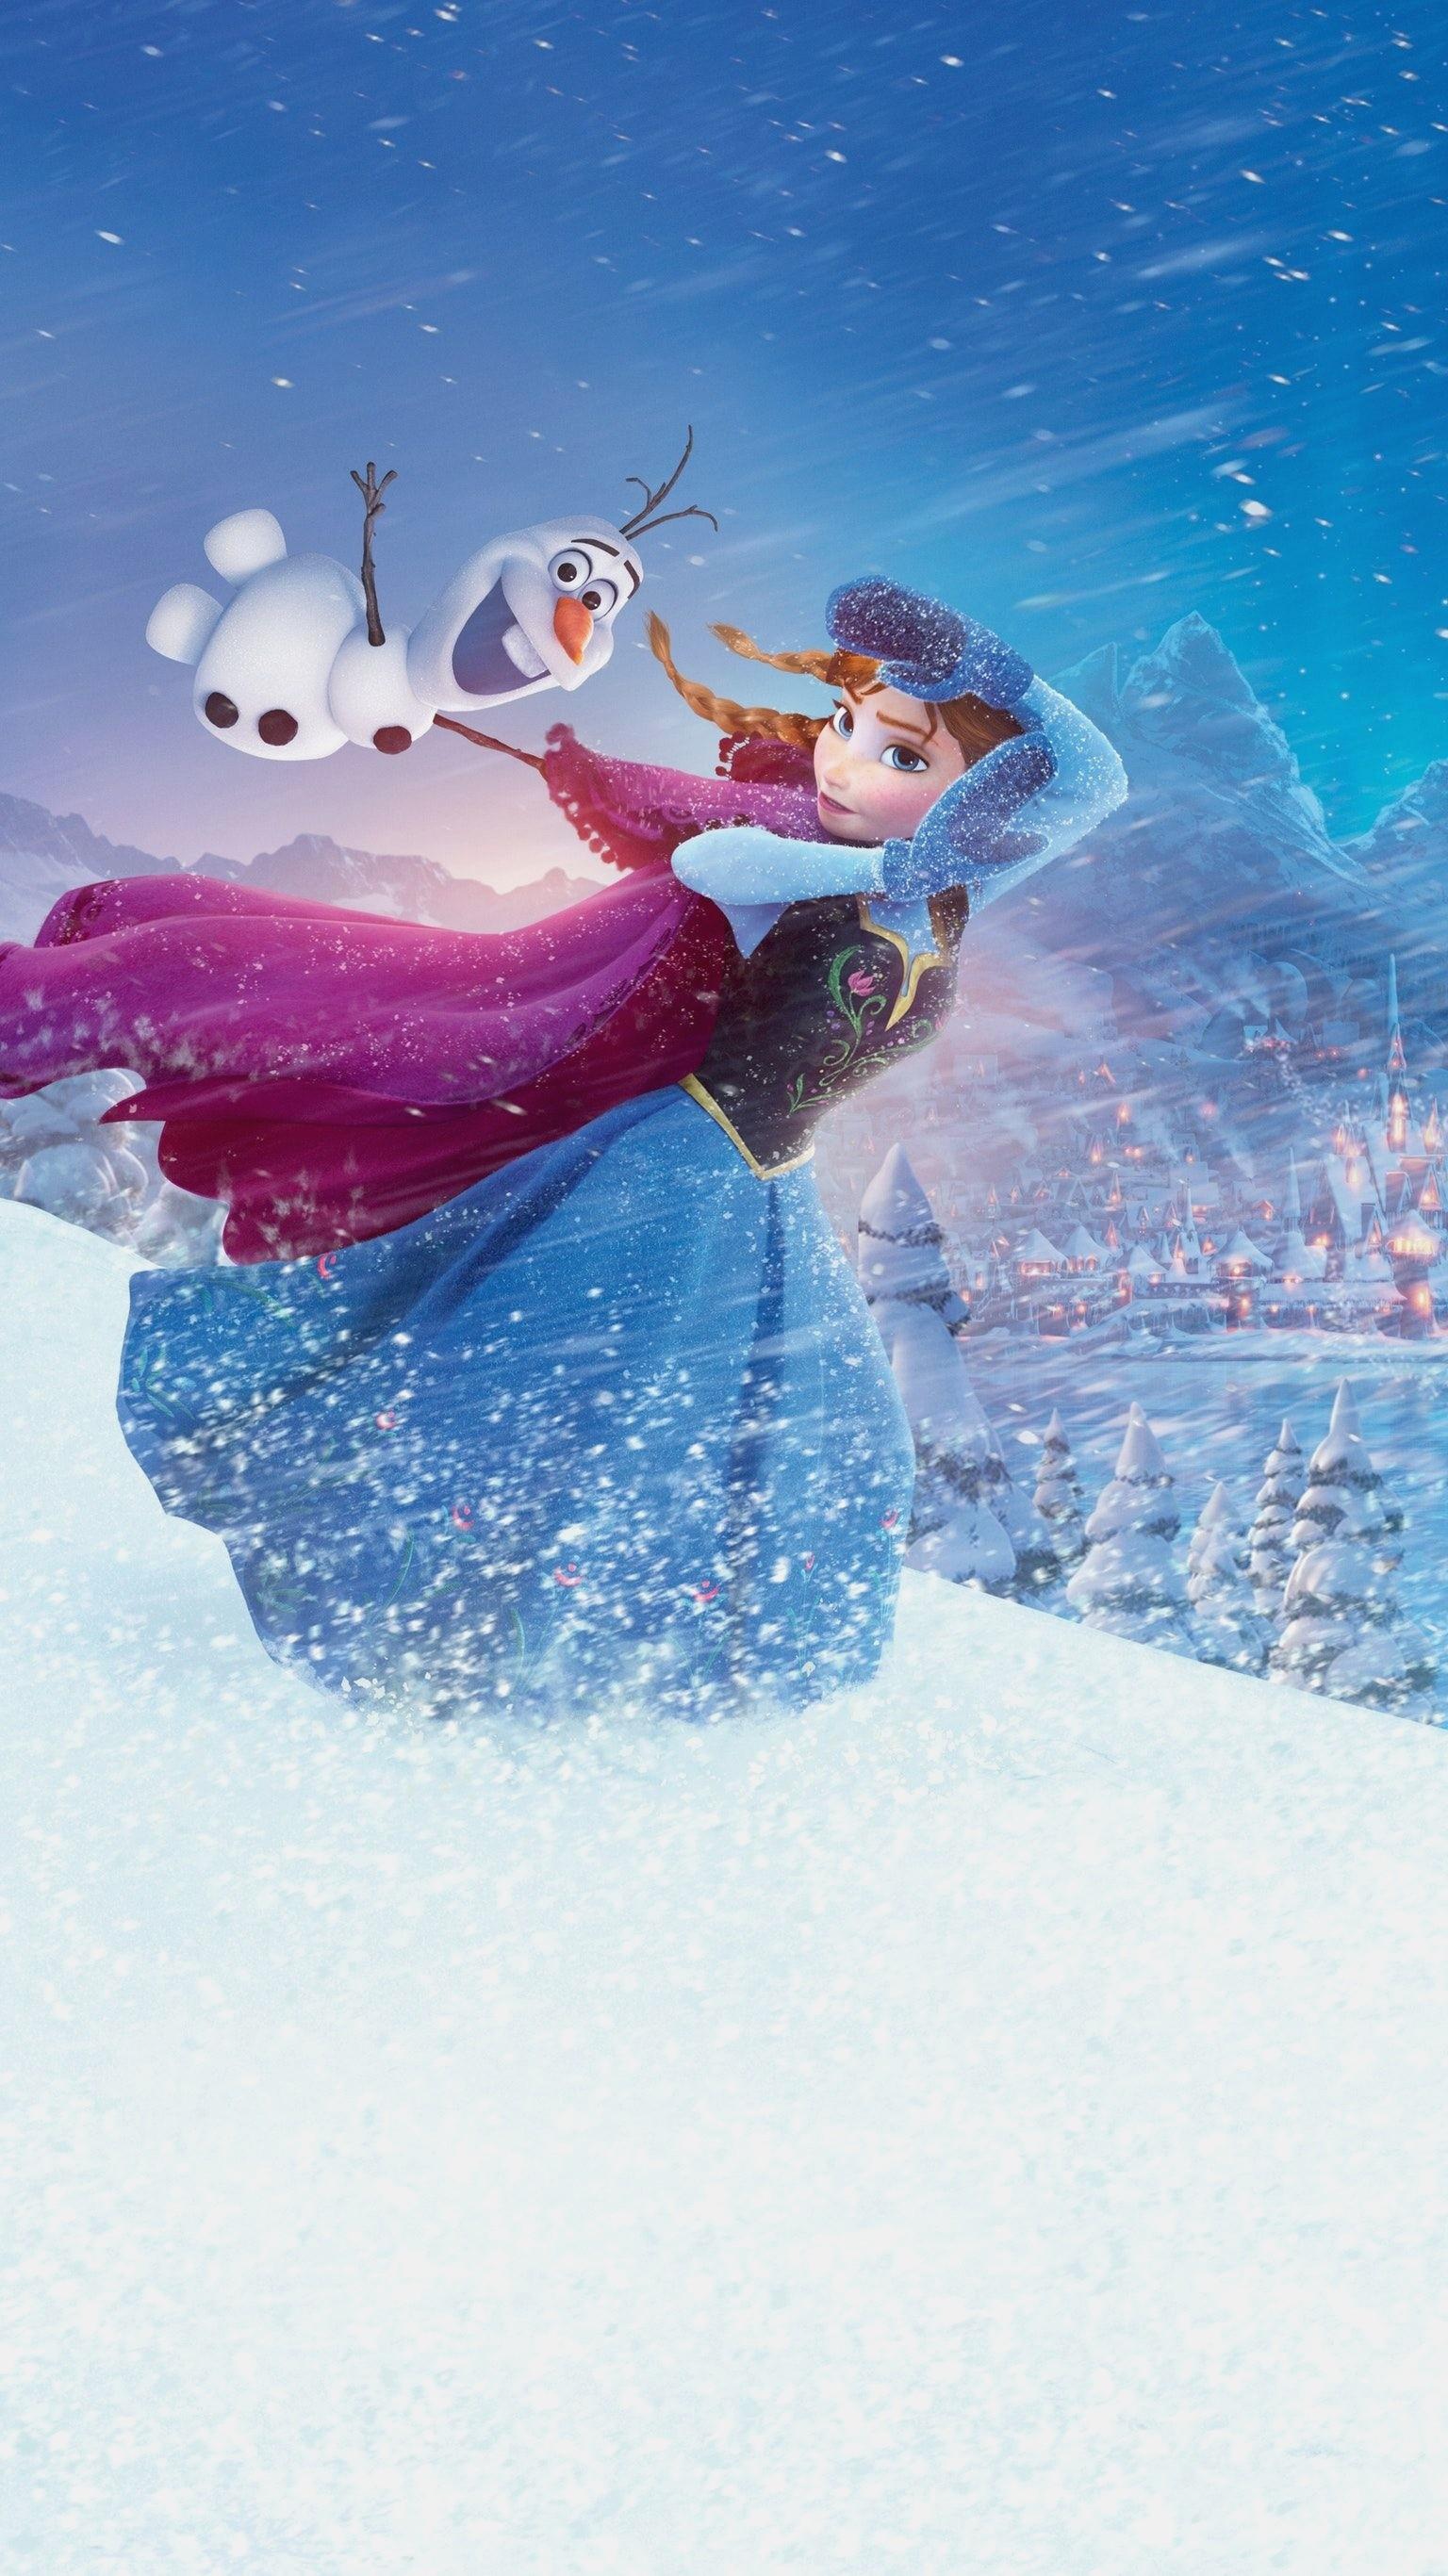 Disney Frozen Wallpaper 80 Images